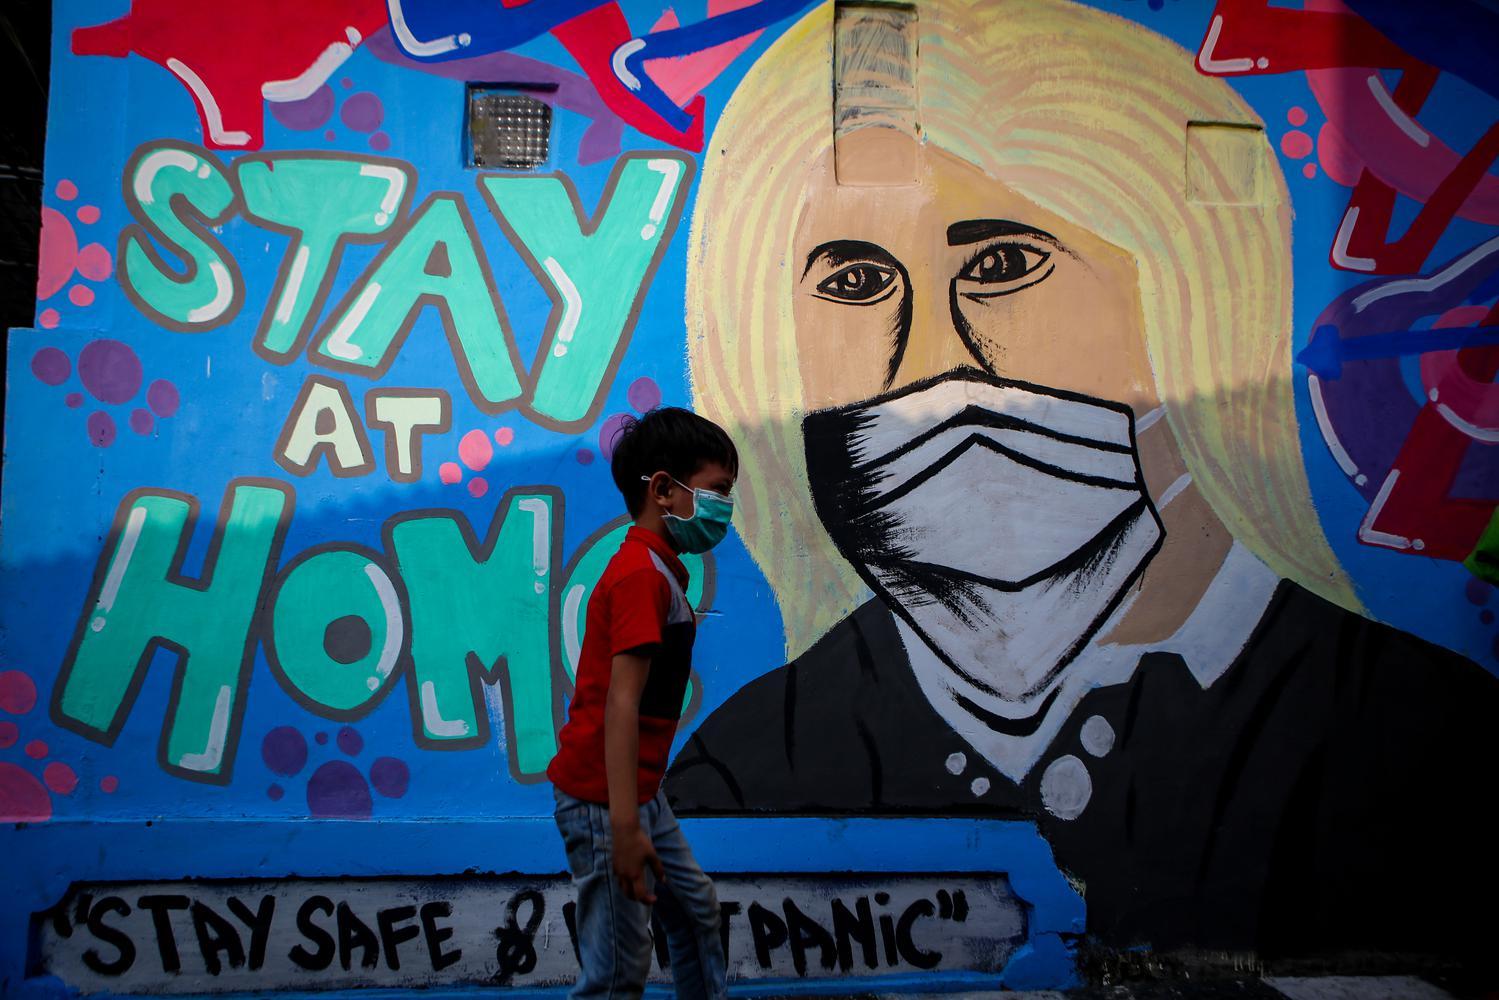 Seorang warga melintas di depan mural tentang COVID-19 di Kampung Pinkli, Kota Tangerang, Banten, Senin (11/5/2020). Mural tersebut ditujukkan kepada masyarakat untuk tetap di rumah guna memutus rantai penyebaran COVID-19.